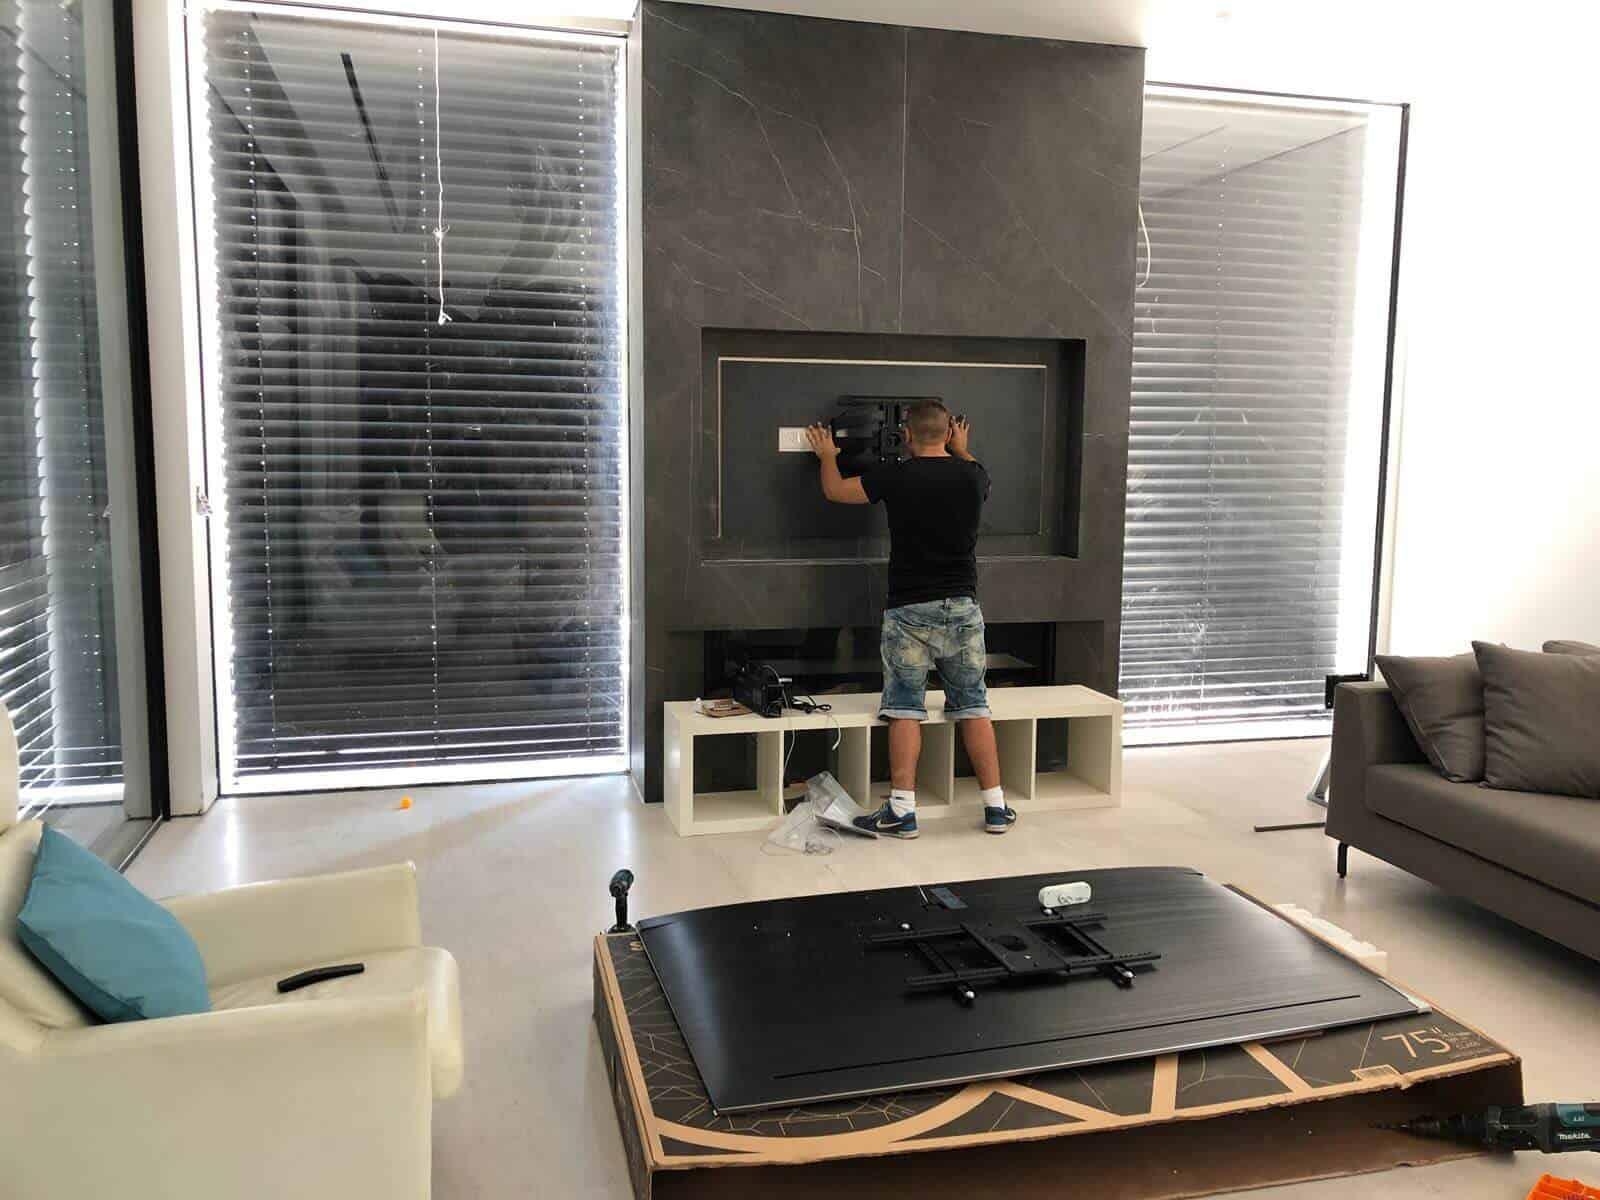 תמונת גלריה הגדול בהתקנות מתקין טלוויזיות מקצועי עם יחס אישי 21